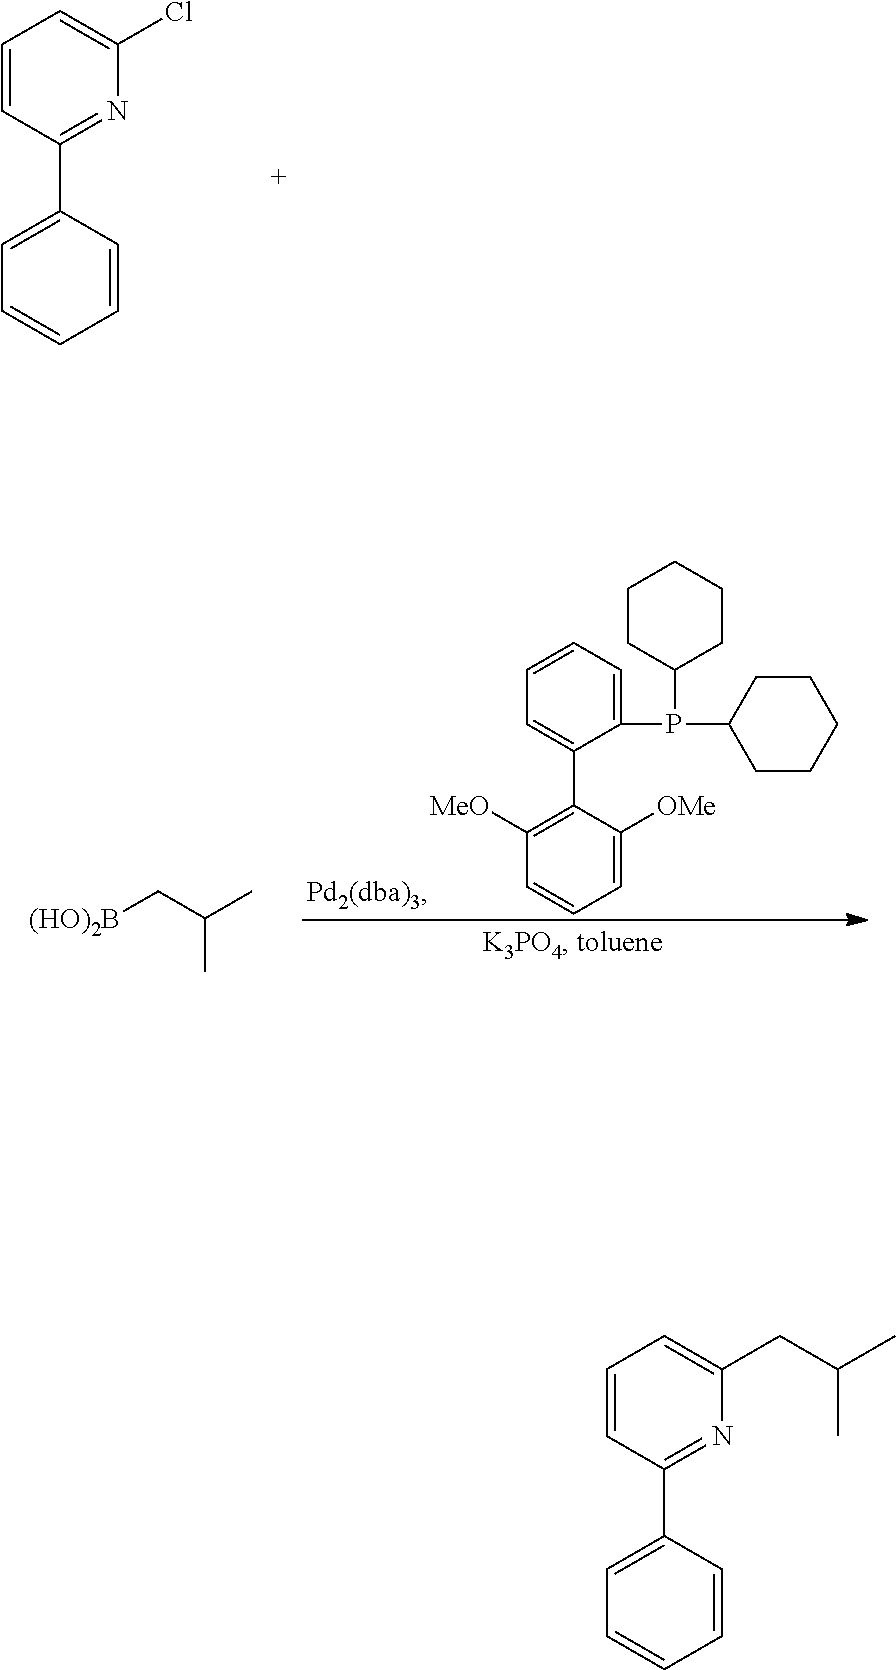 Figure US09899612-20180220-C00088